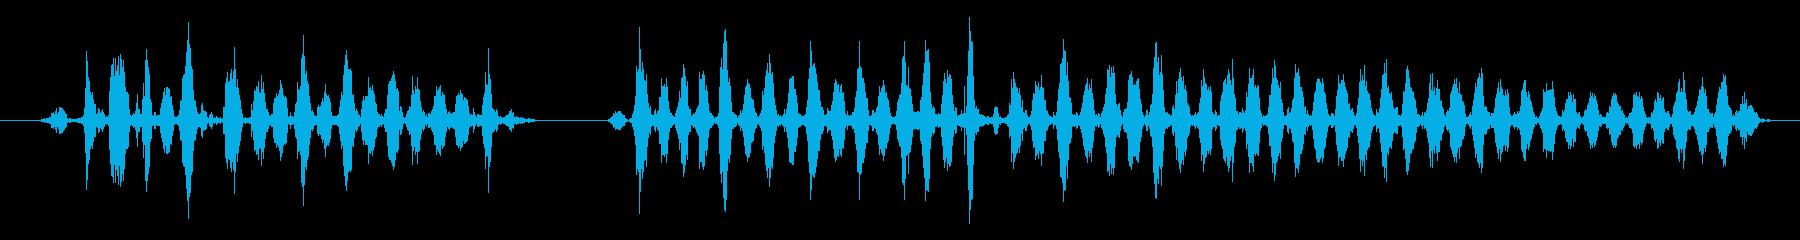 おろしがねで大根をすりおろす音の再生済みの波形